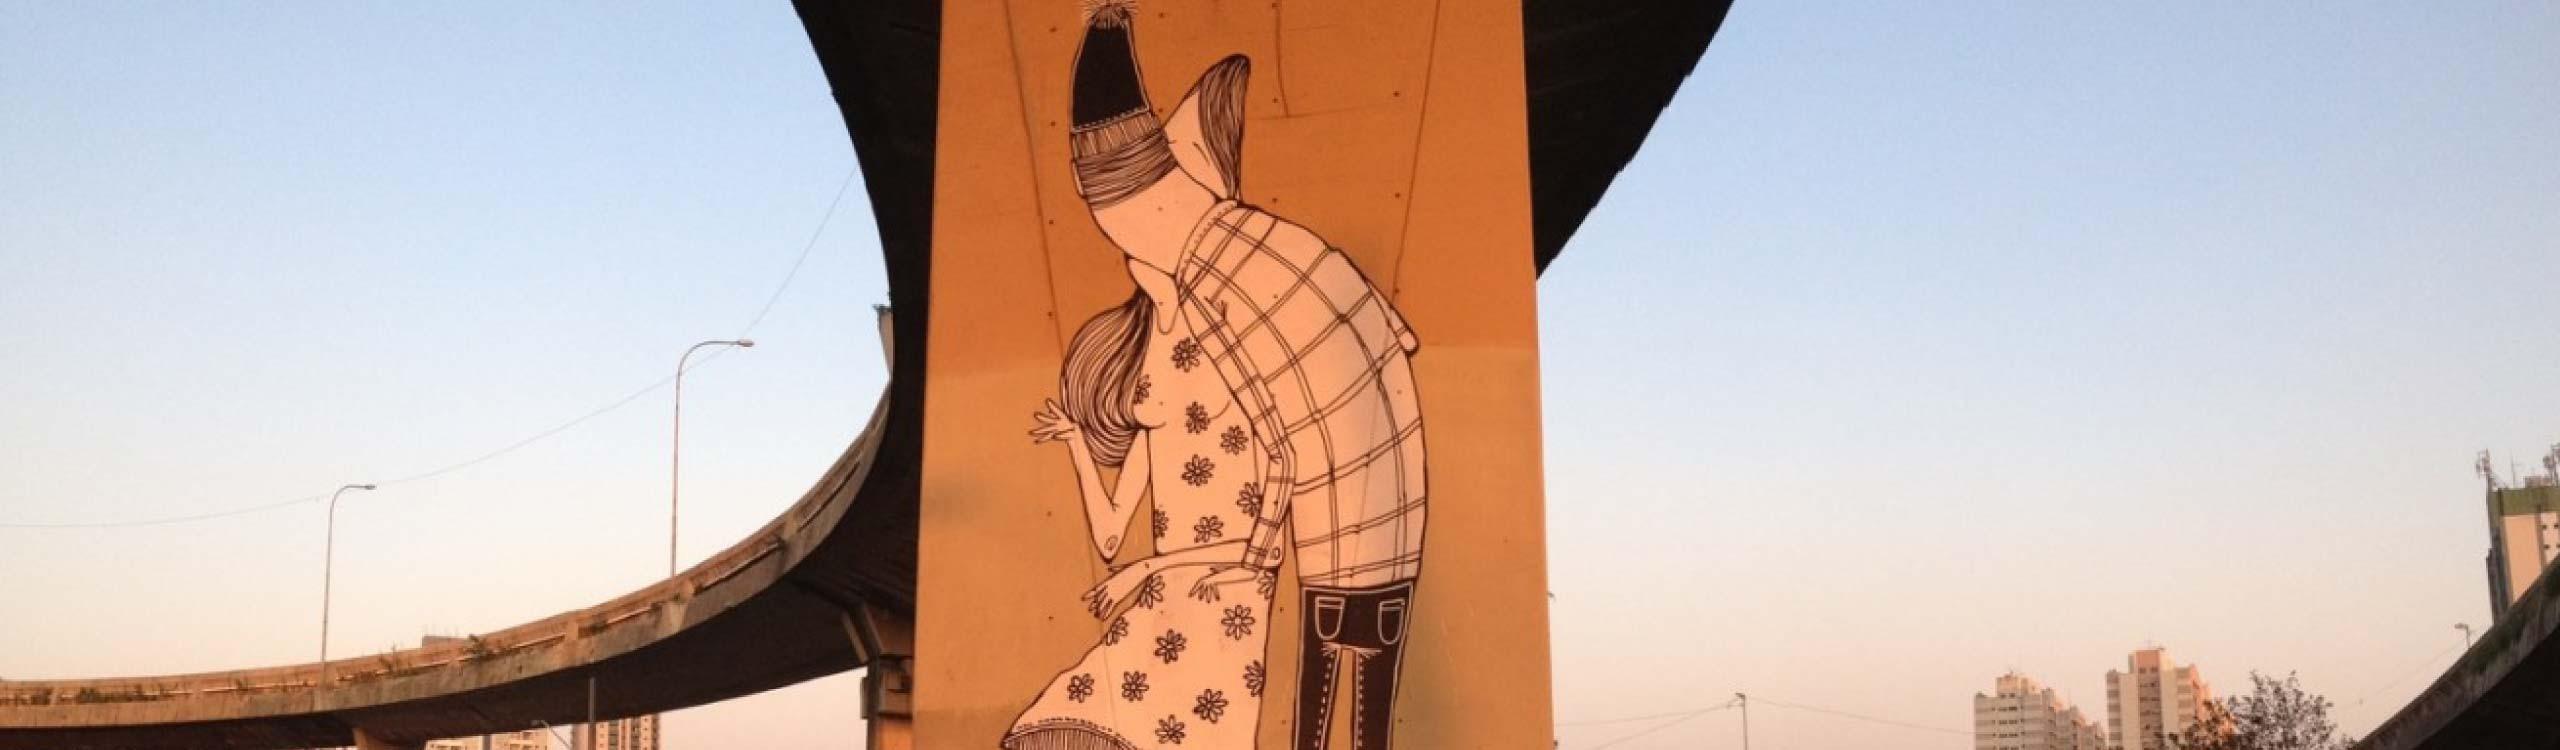 alex senna, el ilustrador que llena las paredes de amor